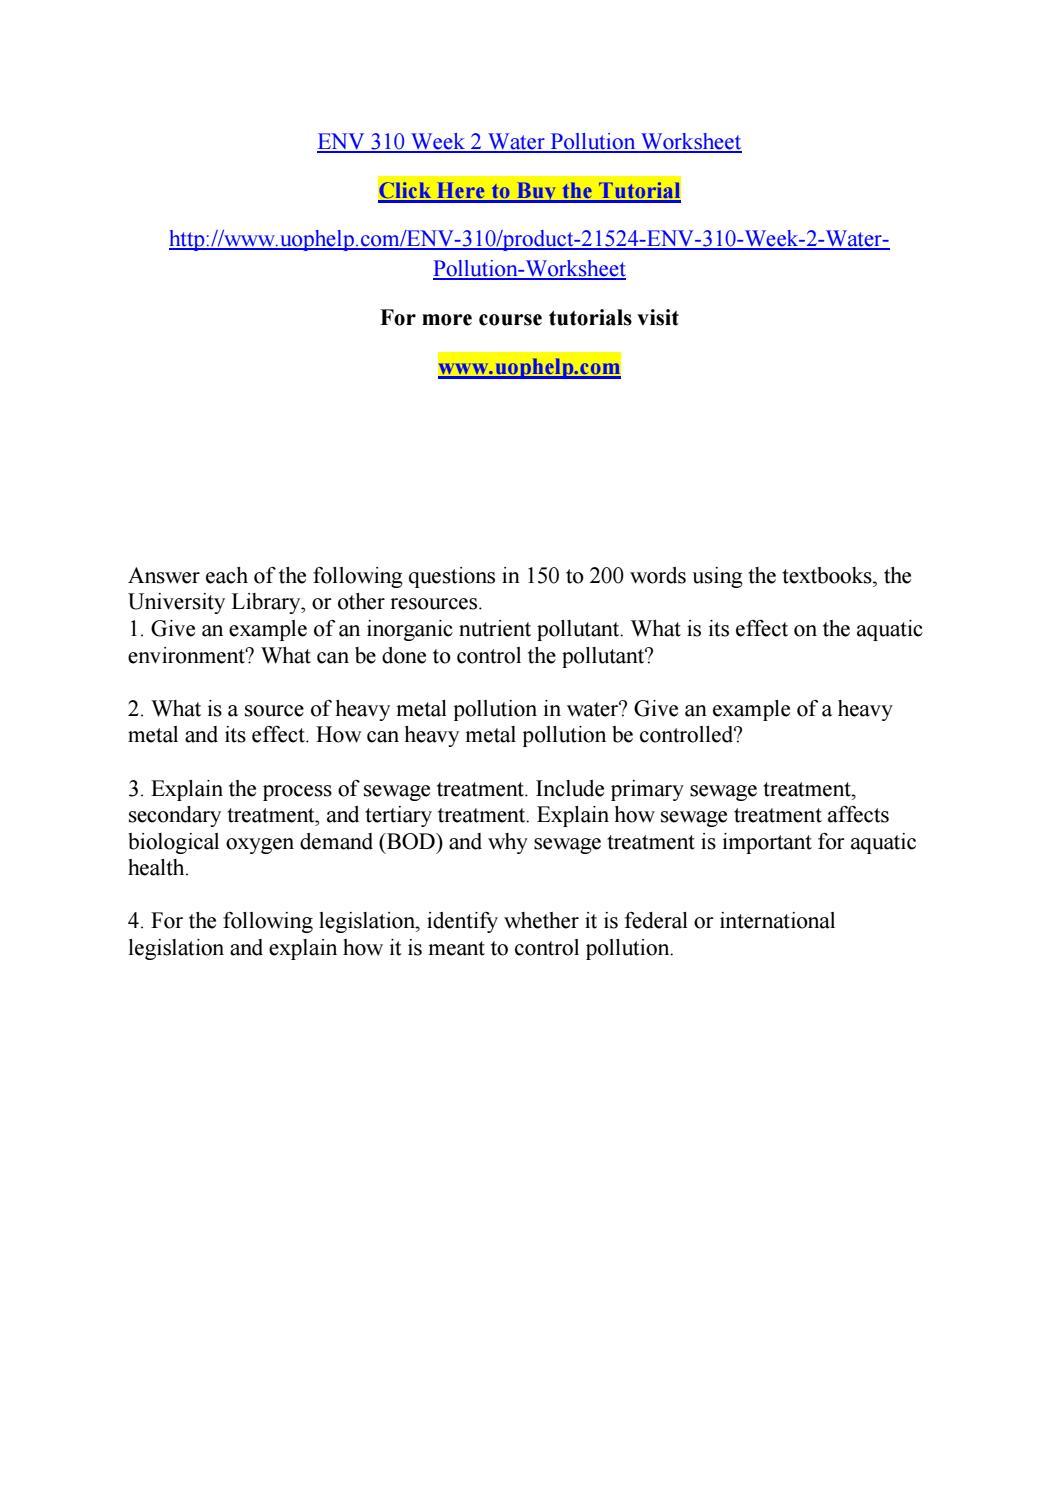 Worksheets Water Pollution Worksheet env 310 week 2 water pollution worksheet by bluebell774 issuu